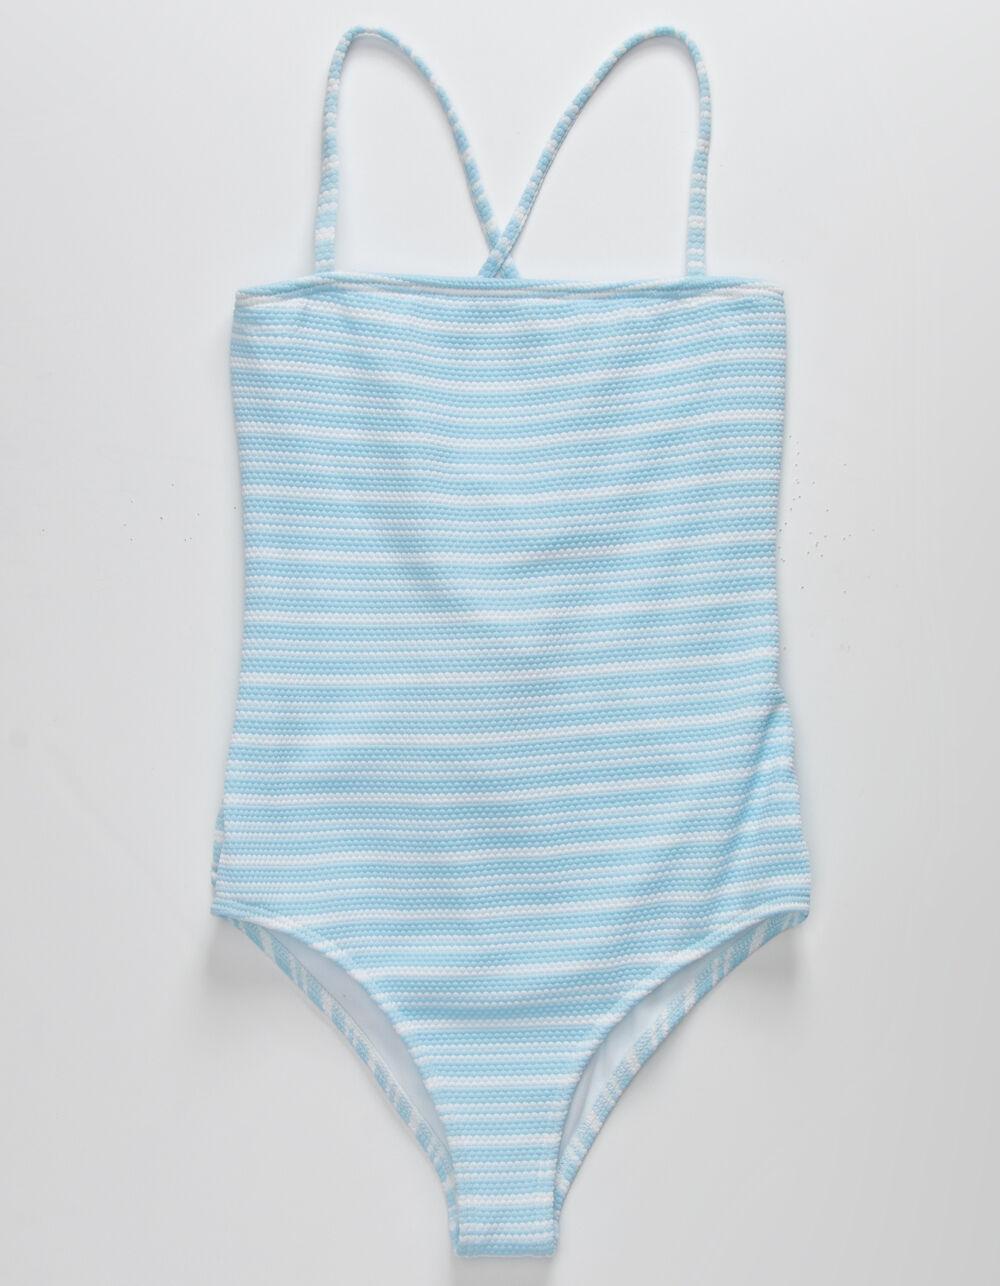 FULL TILT Textured Stripe Girls One Piece Swimsuit